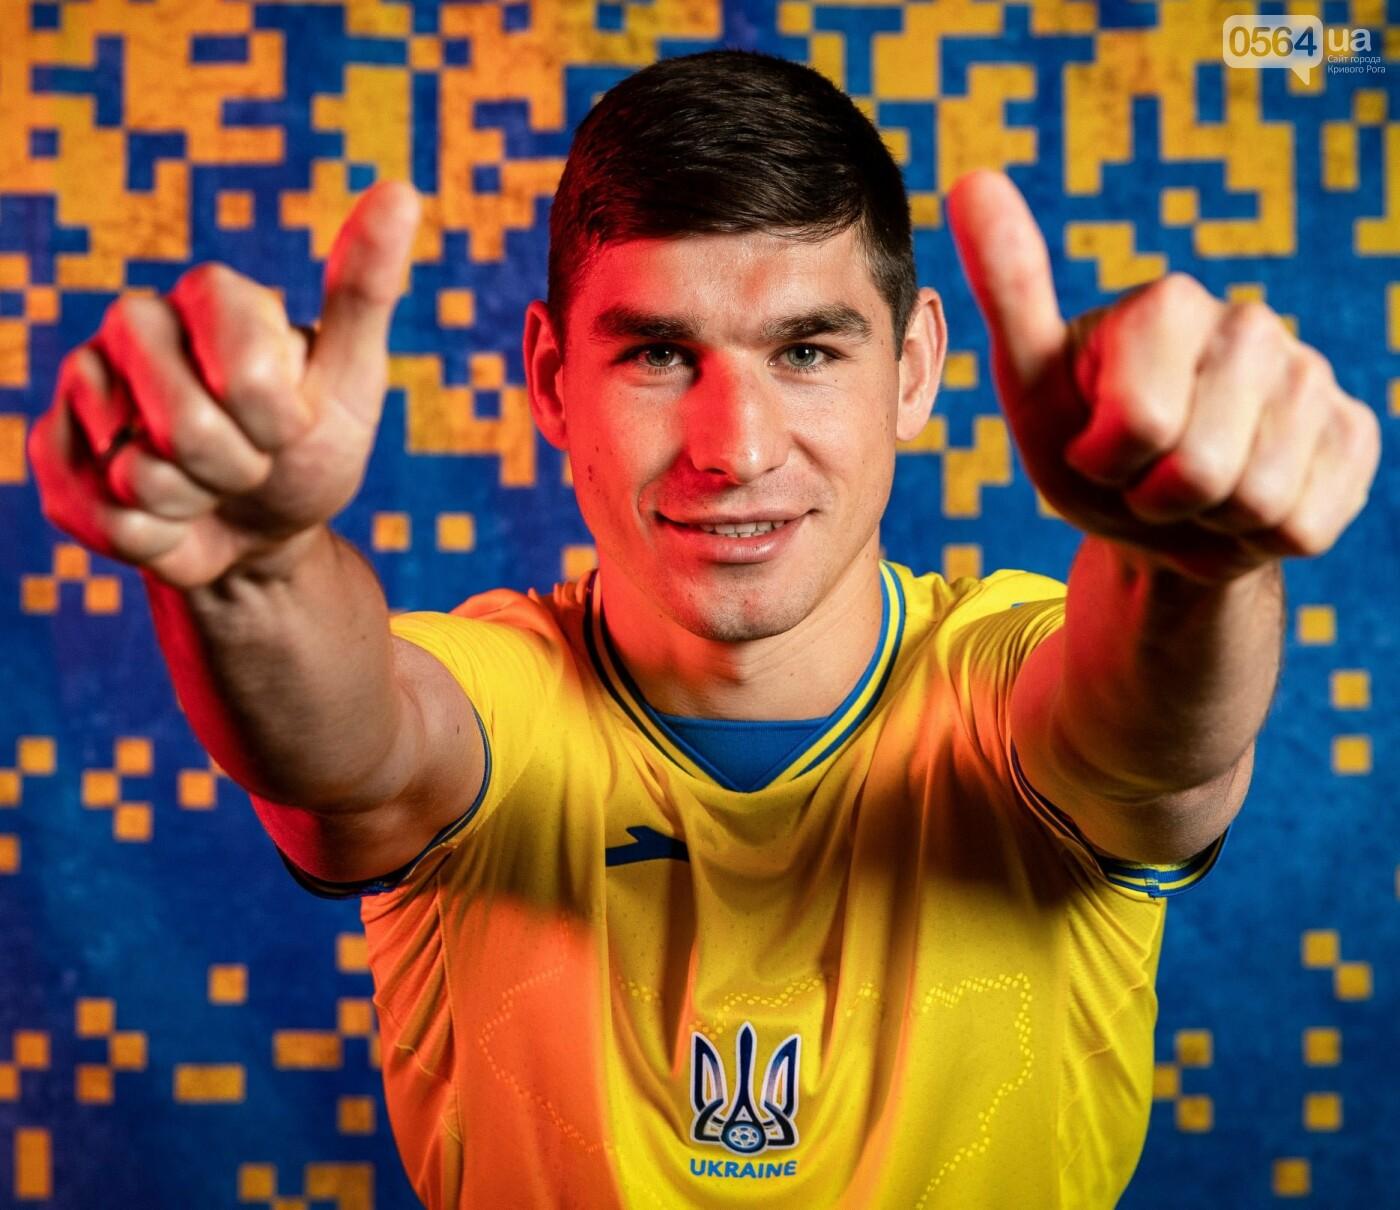 Сборная Украины по футболу представила новую форму на Евро-2020, фото-2